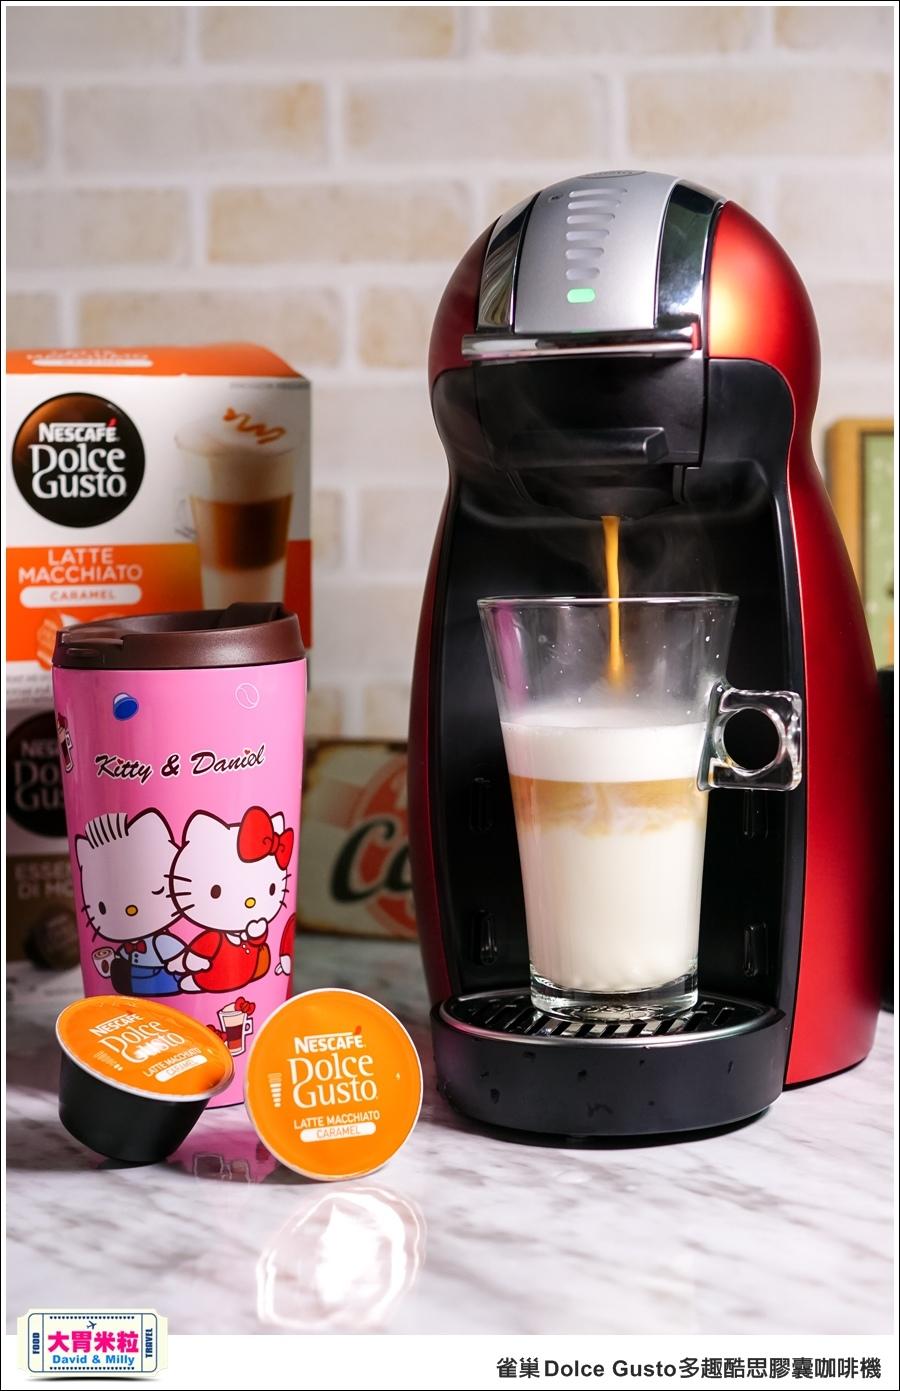 咖啡機推薦@雀巢 Dolce Gusto 多趣酷思膠囊咖啡機 @大胃米粒 0054.jpg